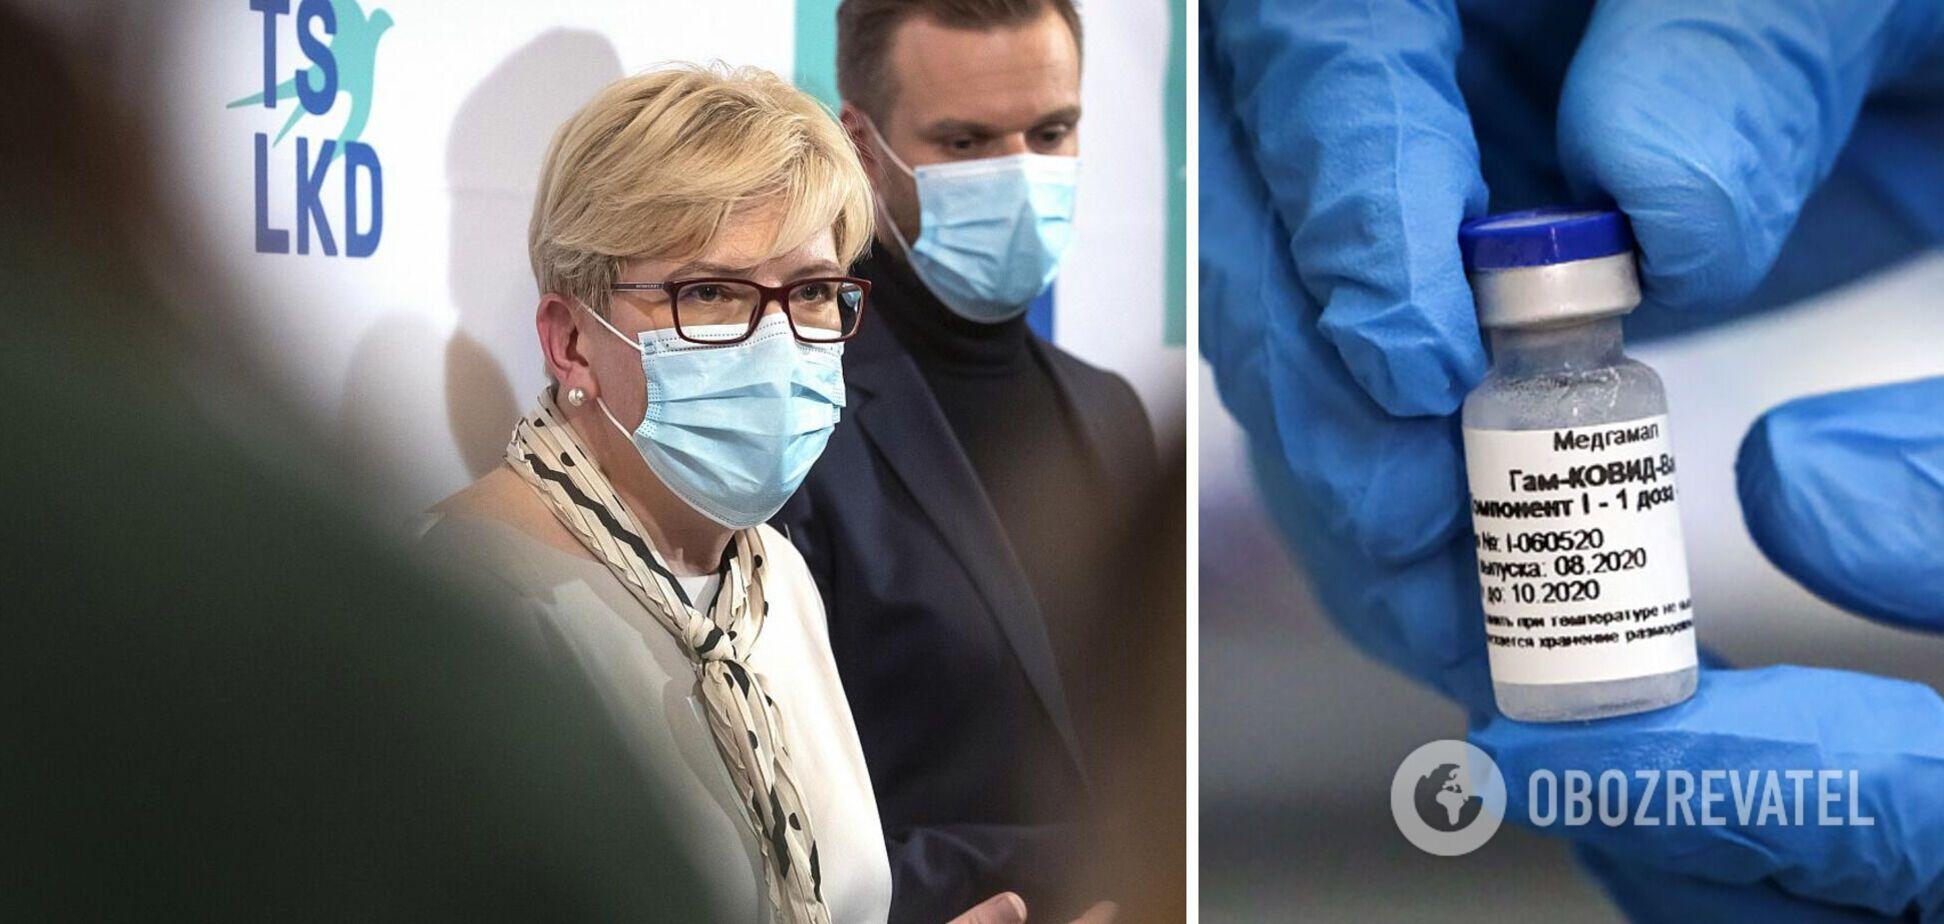 Премьер Литвы назвала российскую вакцину 'гибридным оружием' Путина